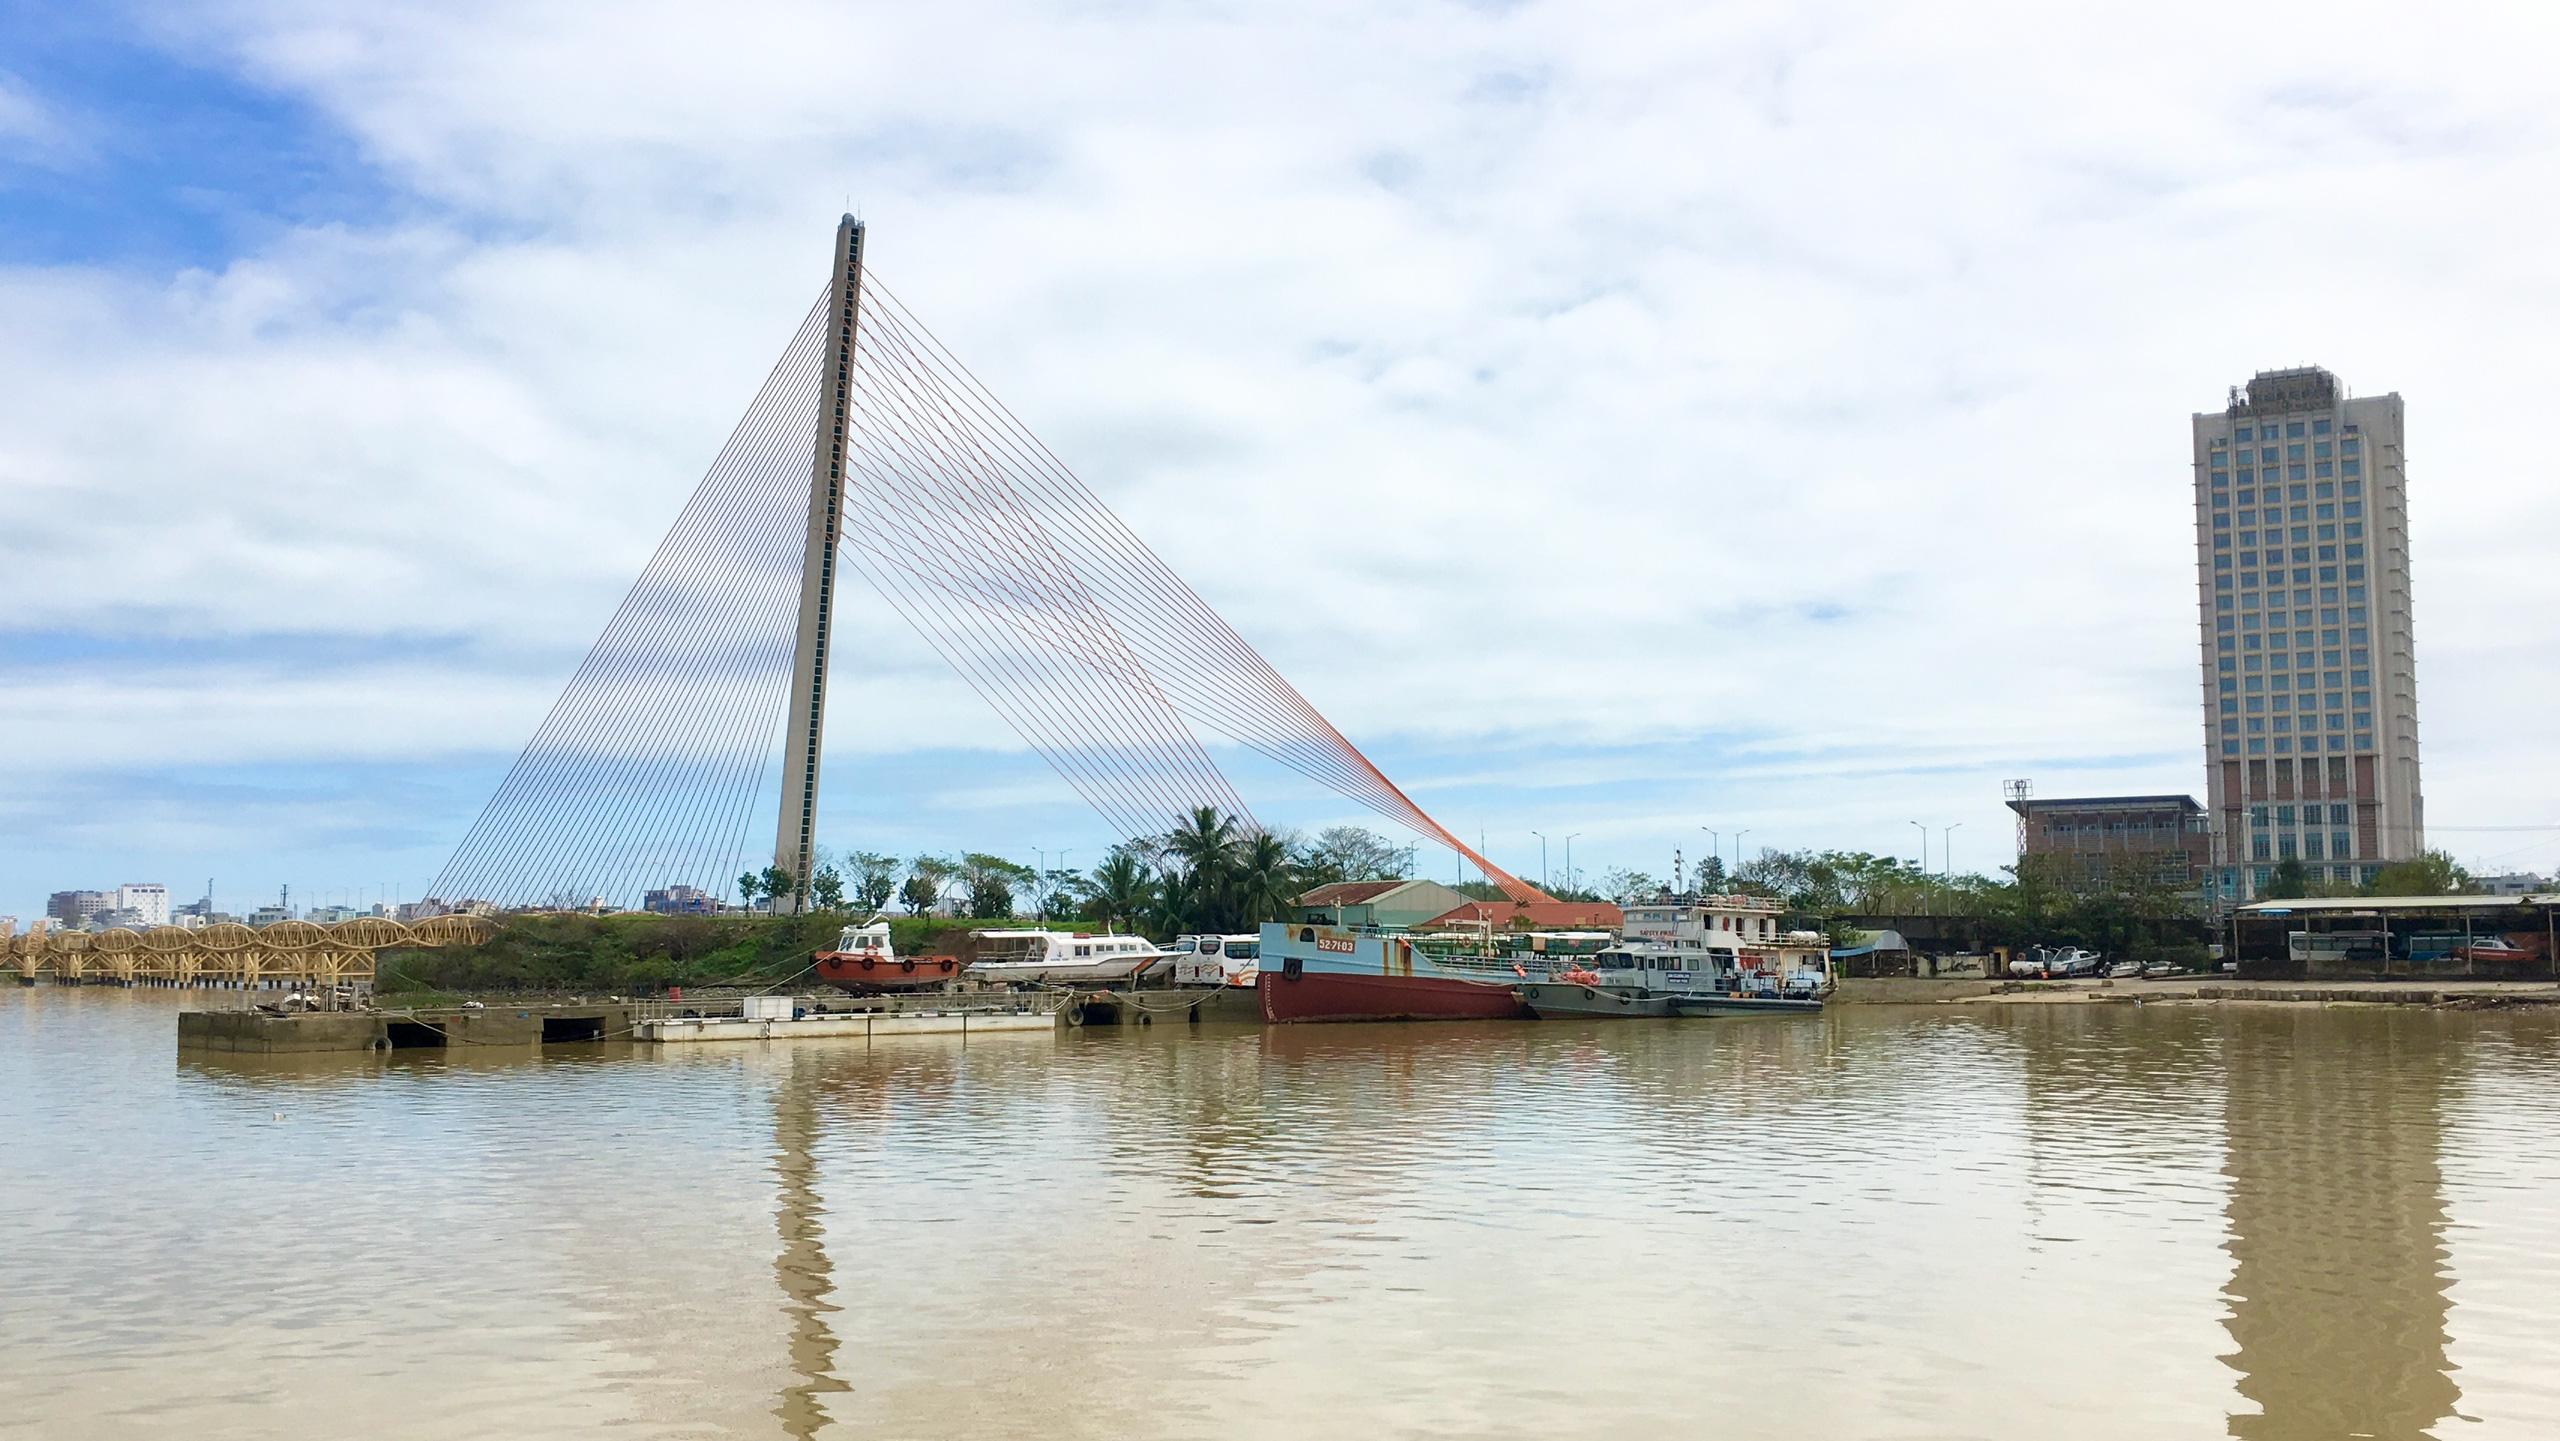 Hai vị trí ven sông Hàn Đà Nẵng kêu gọi đầu tư bến du thuyền quốc tế - Ảnh 2.